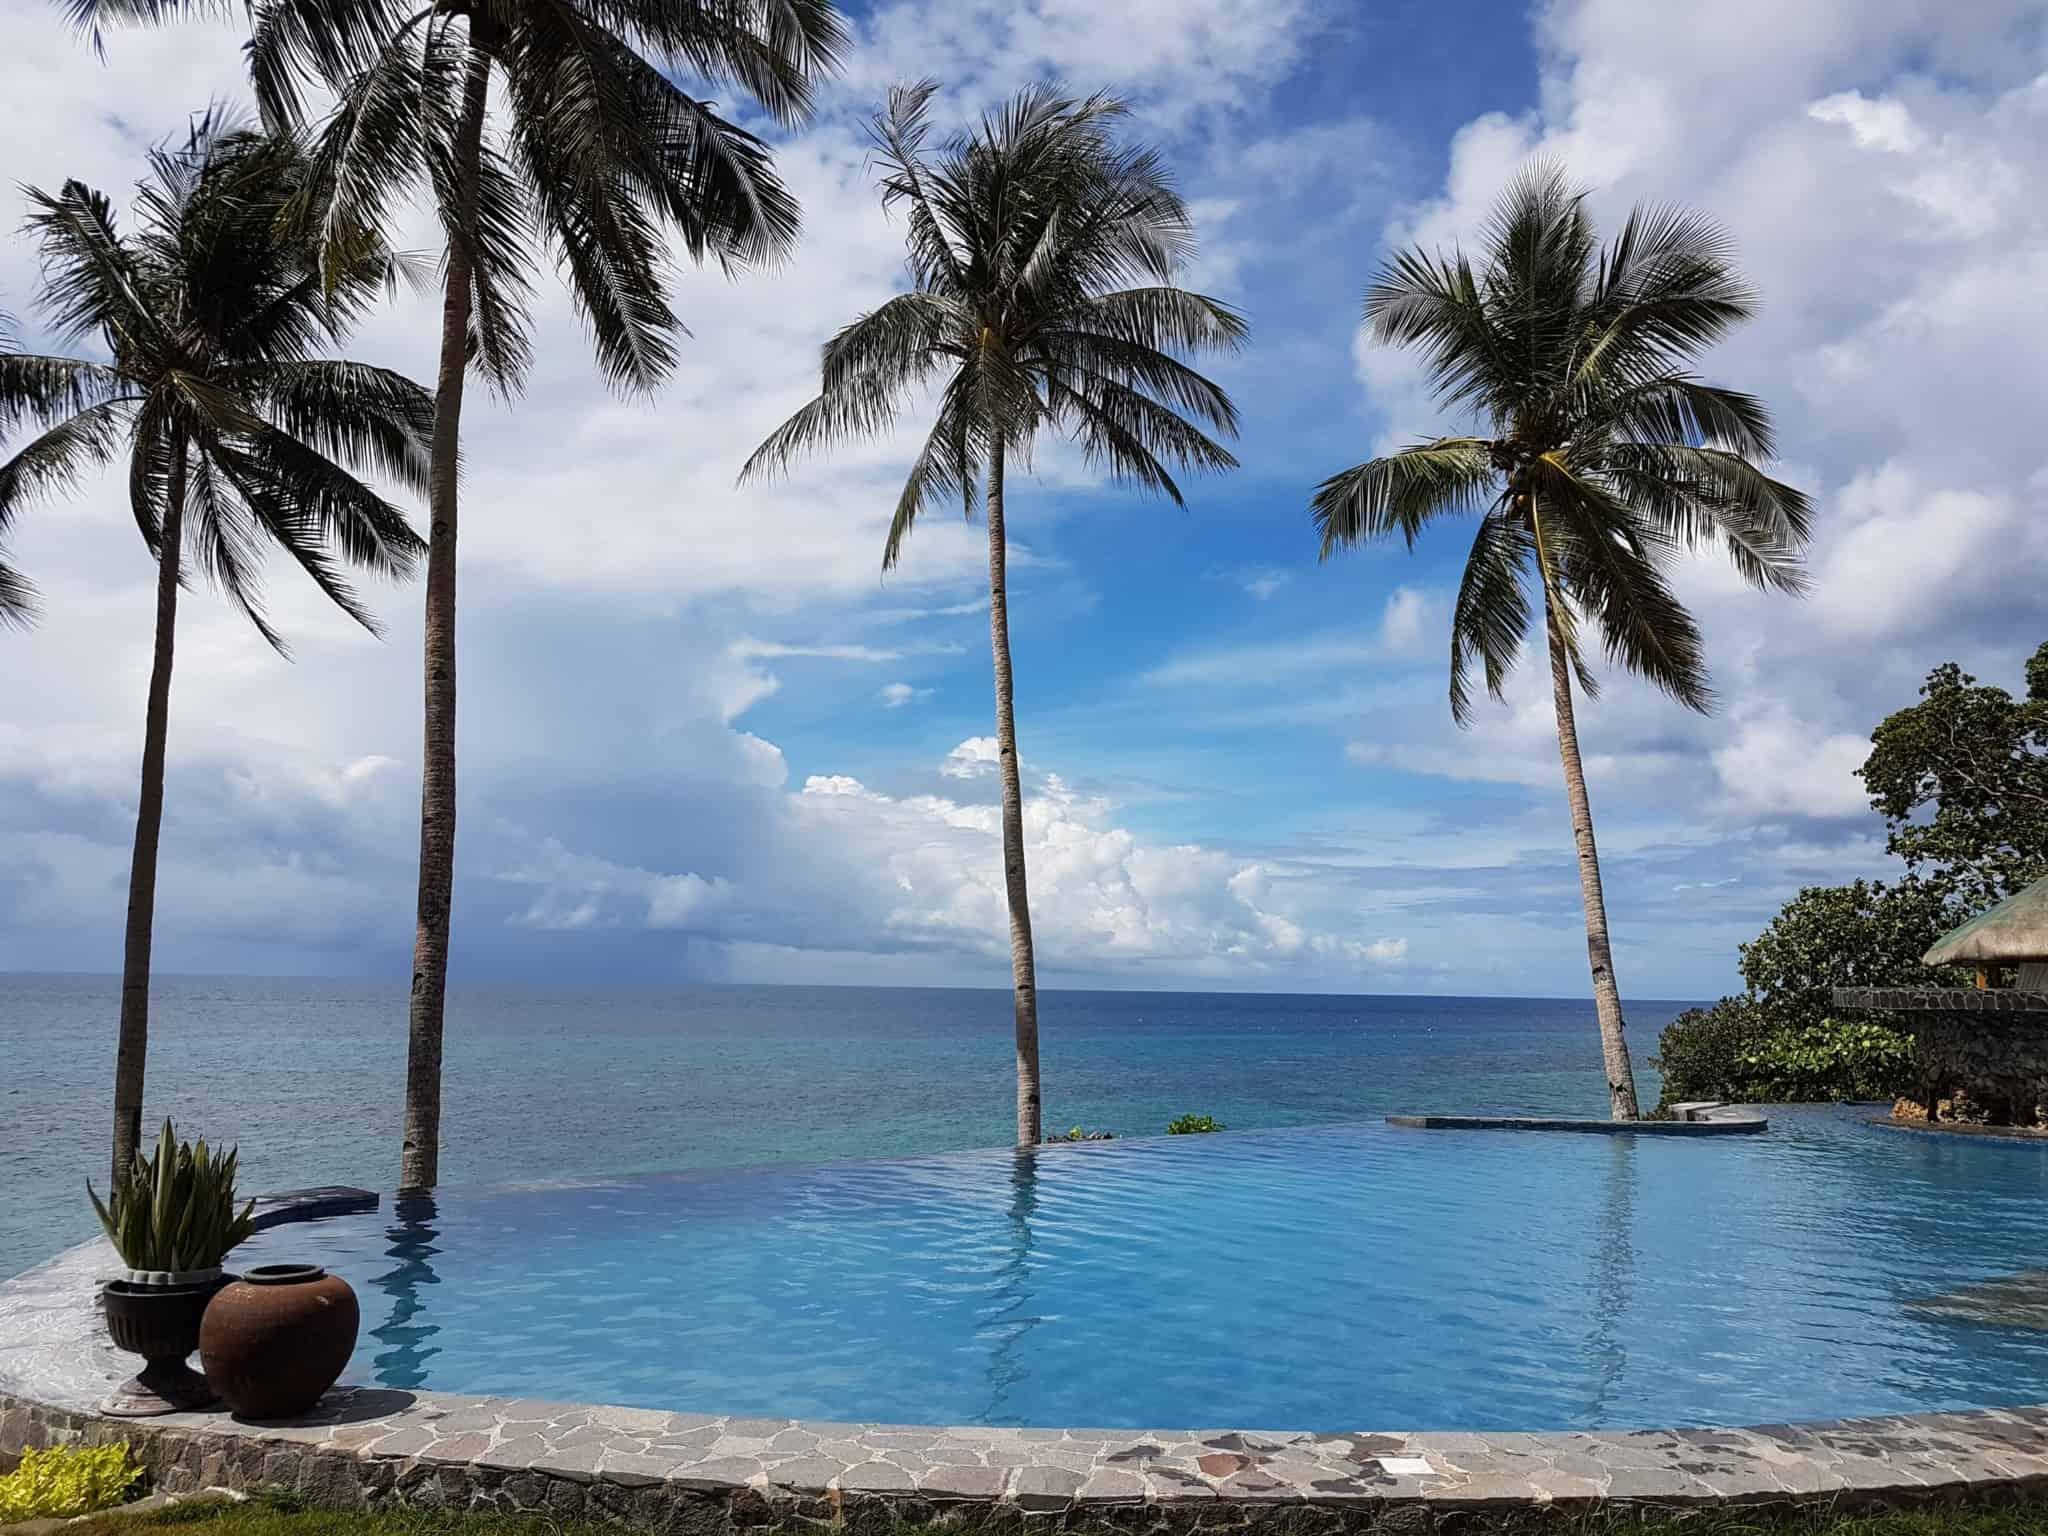 Philippines, un anniversaire romantique dans un hôtel de rêve 🧡 4